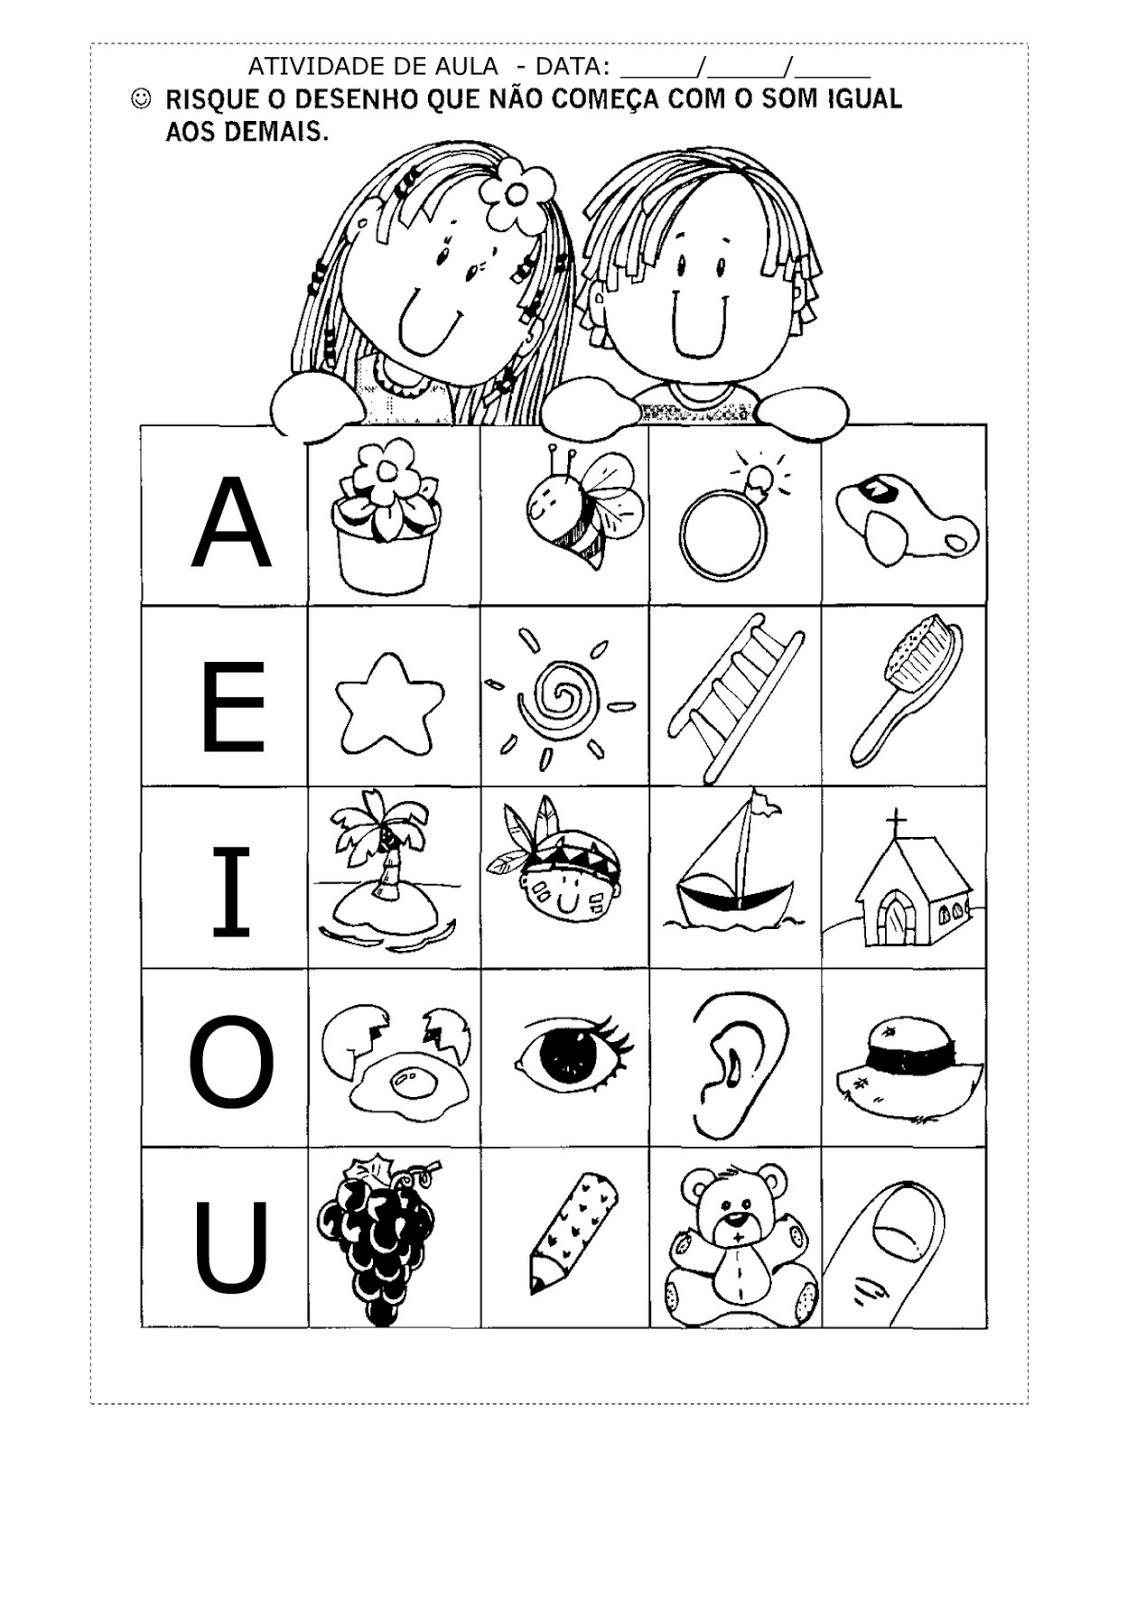 exercícios com vogais | Ideias atividades | Pinterest | Anlaute ...